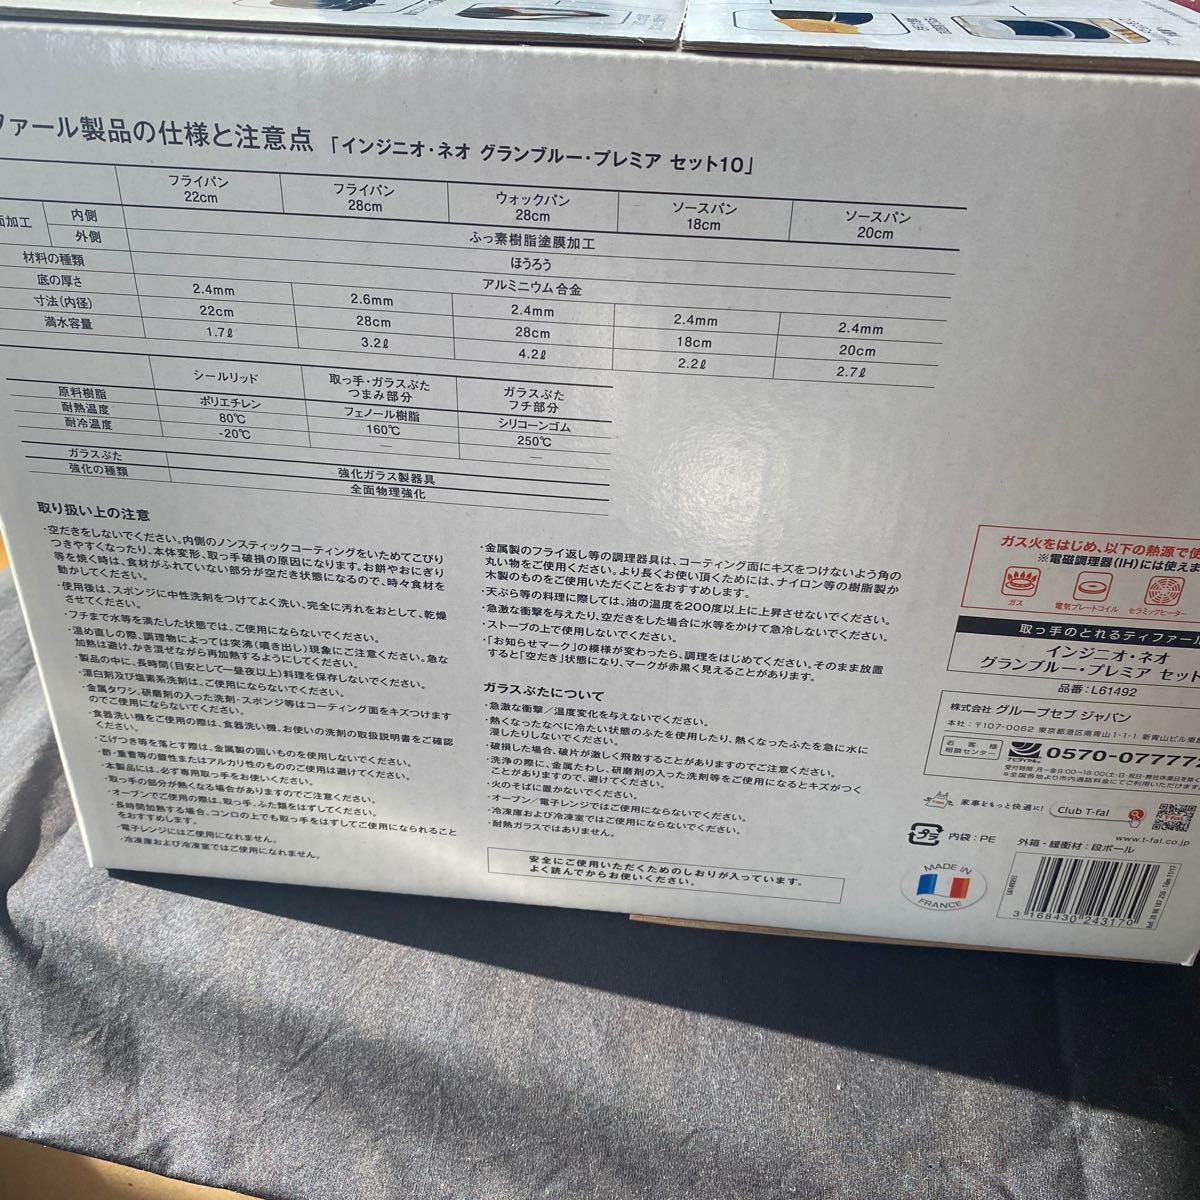 【新品未使用】T-fal インジニオネオ グランブルー プレミア セット10  T-fal フライパン 鍋 ティファール ガス火用